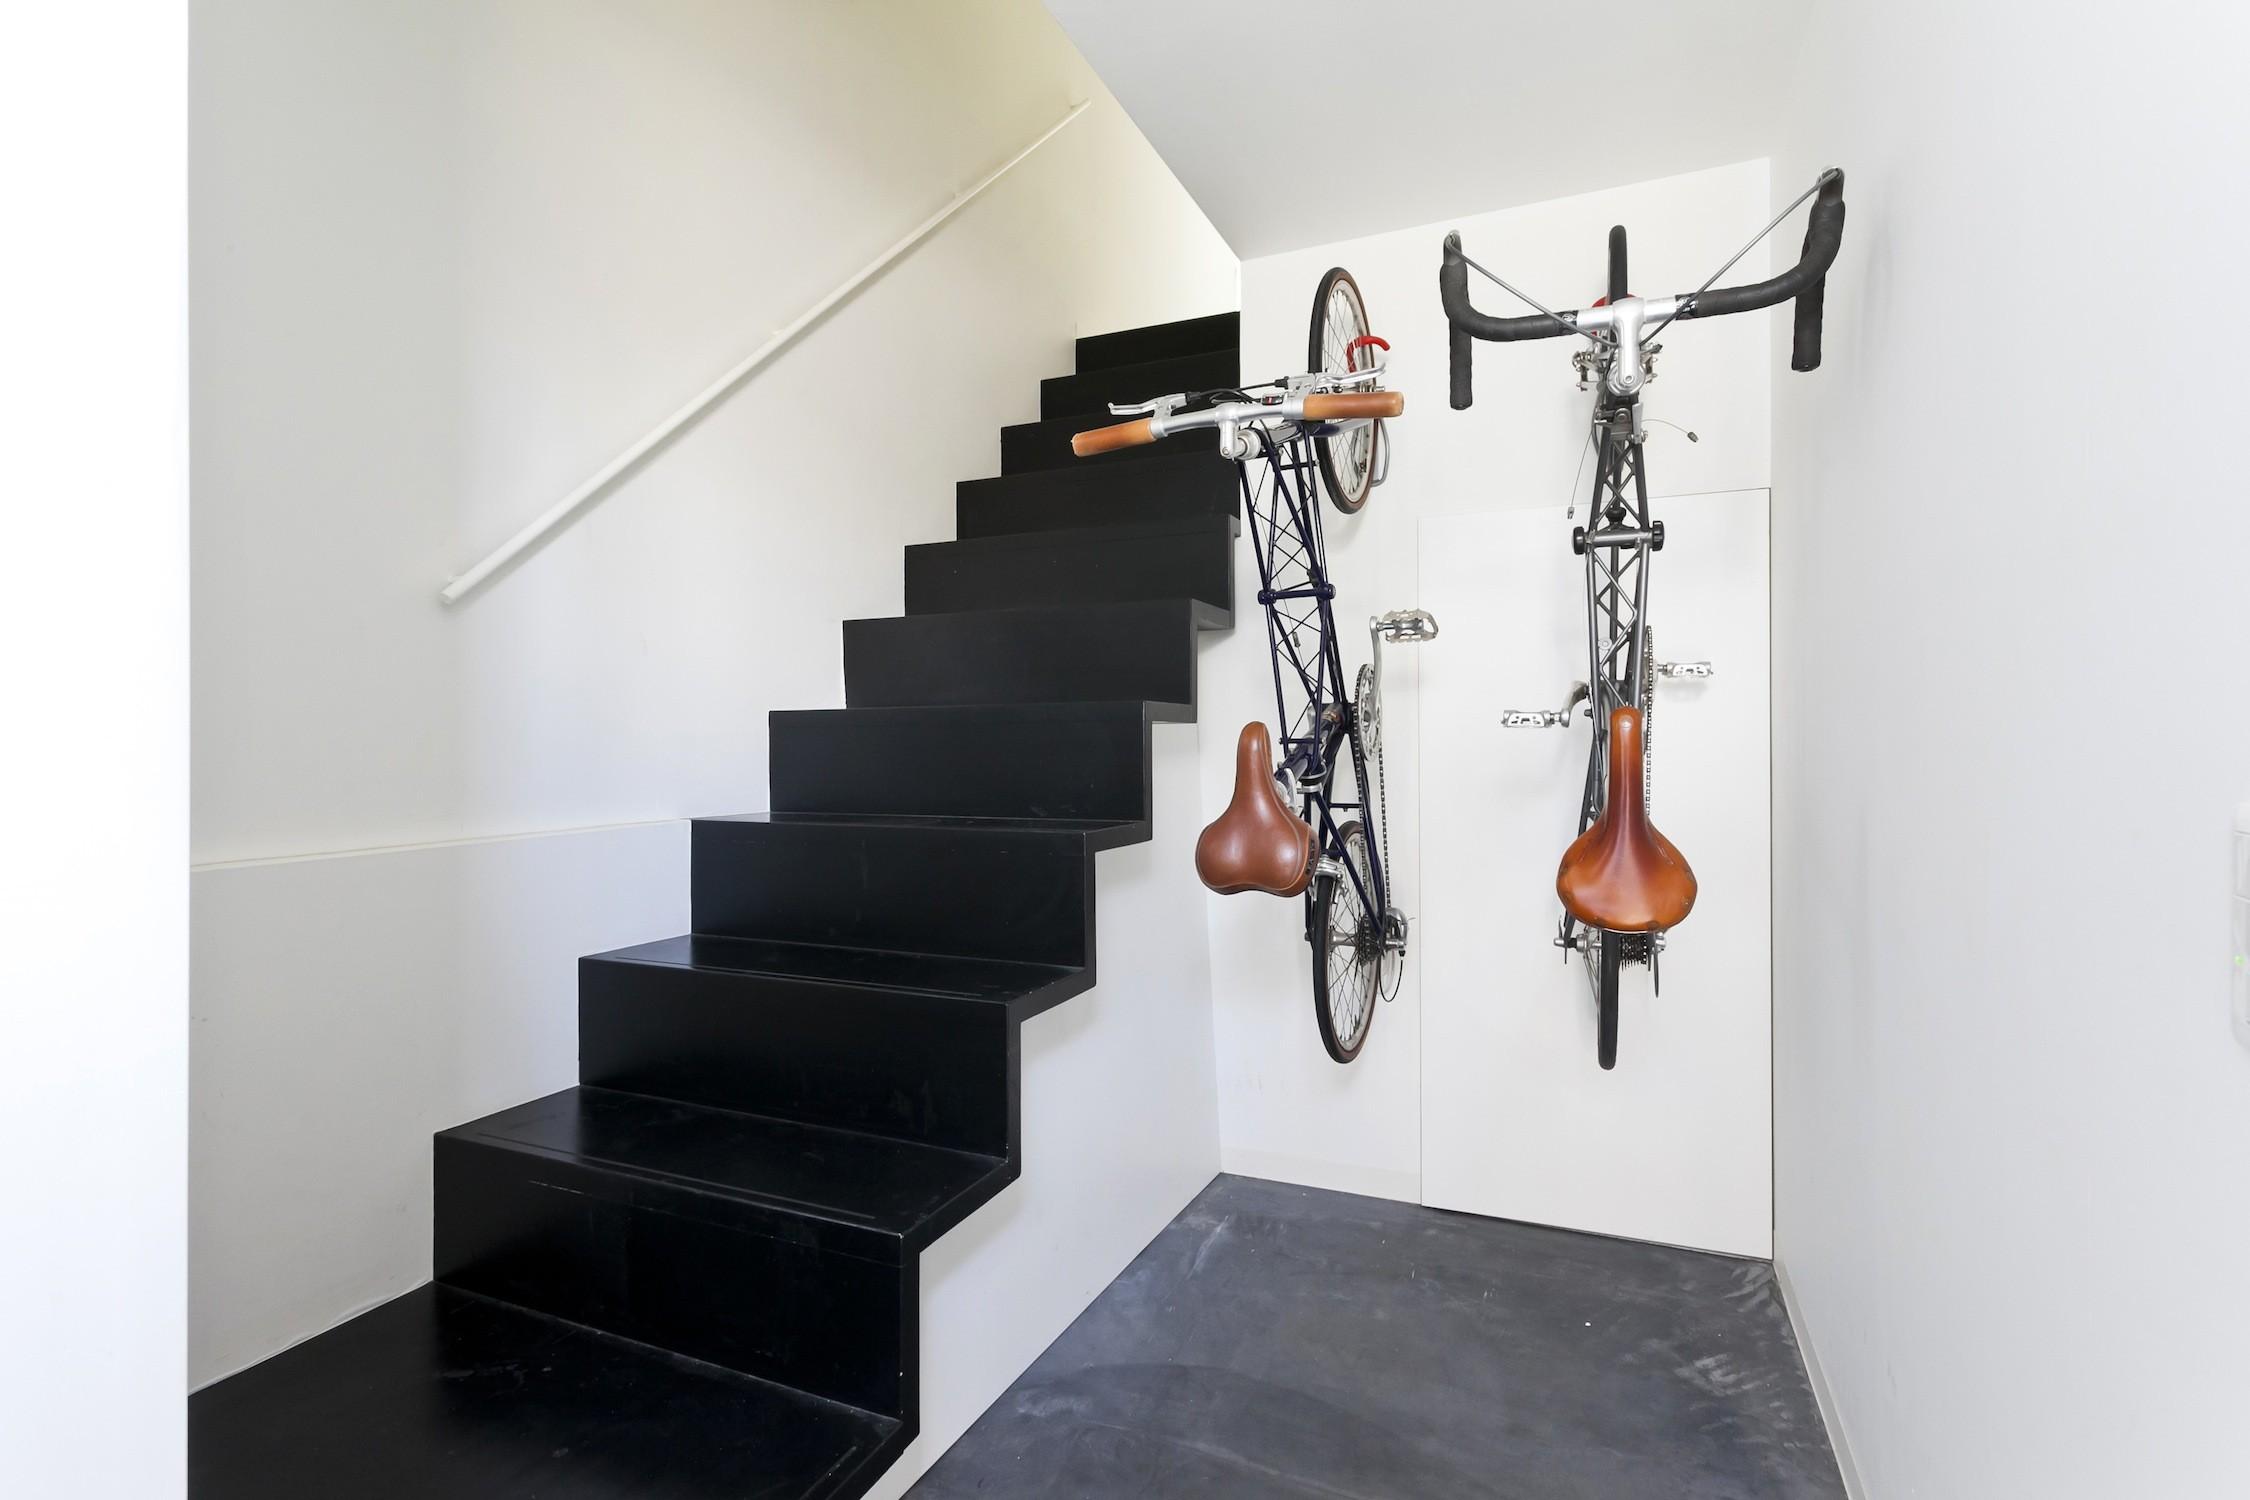 ハコノオウチ05 ルーフバルコニーのある二世帯住宅 (玄関ホールに自転車収納)